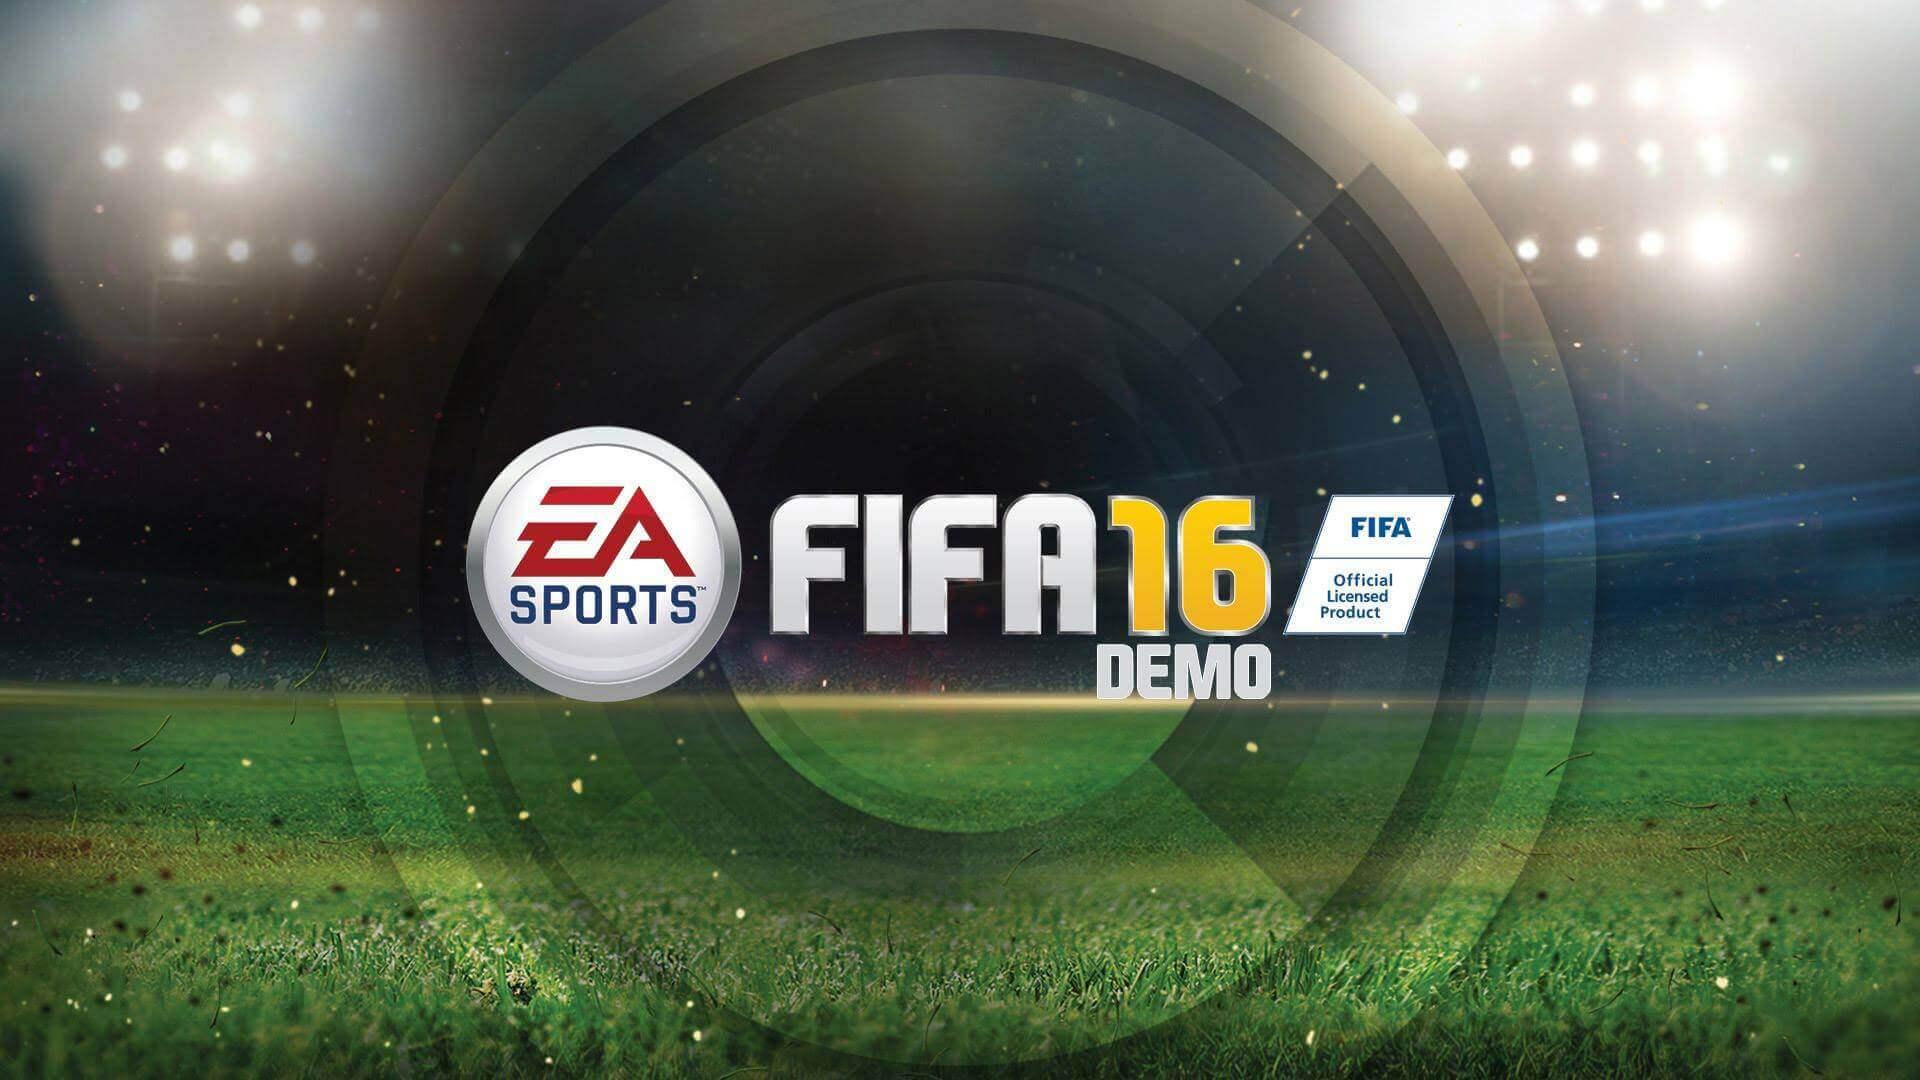 Full Demo Details of FIFA 16 Revealed